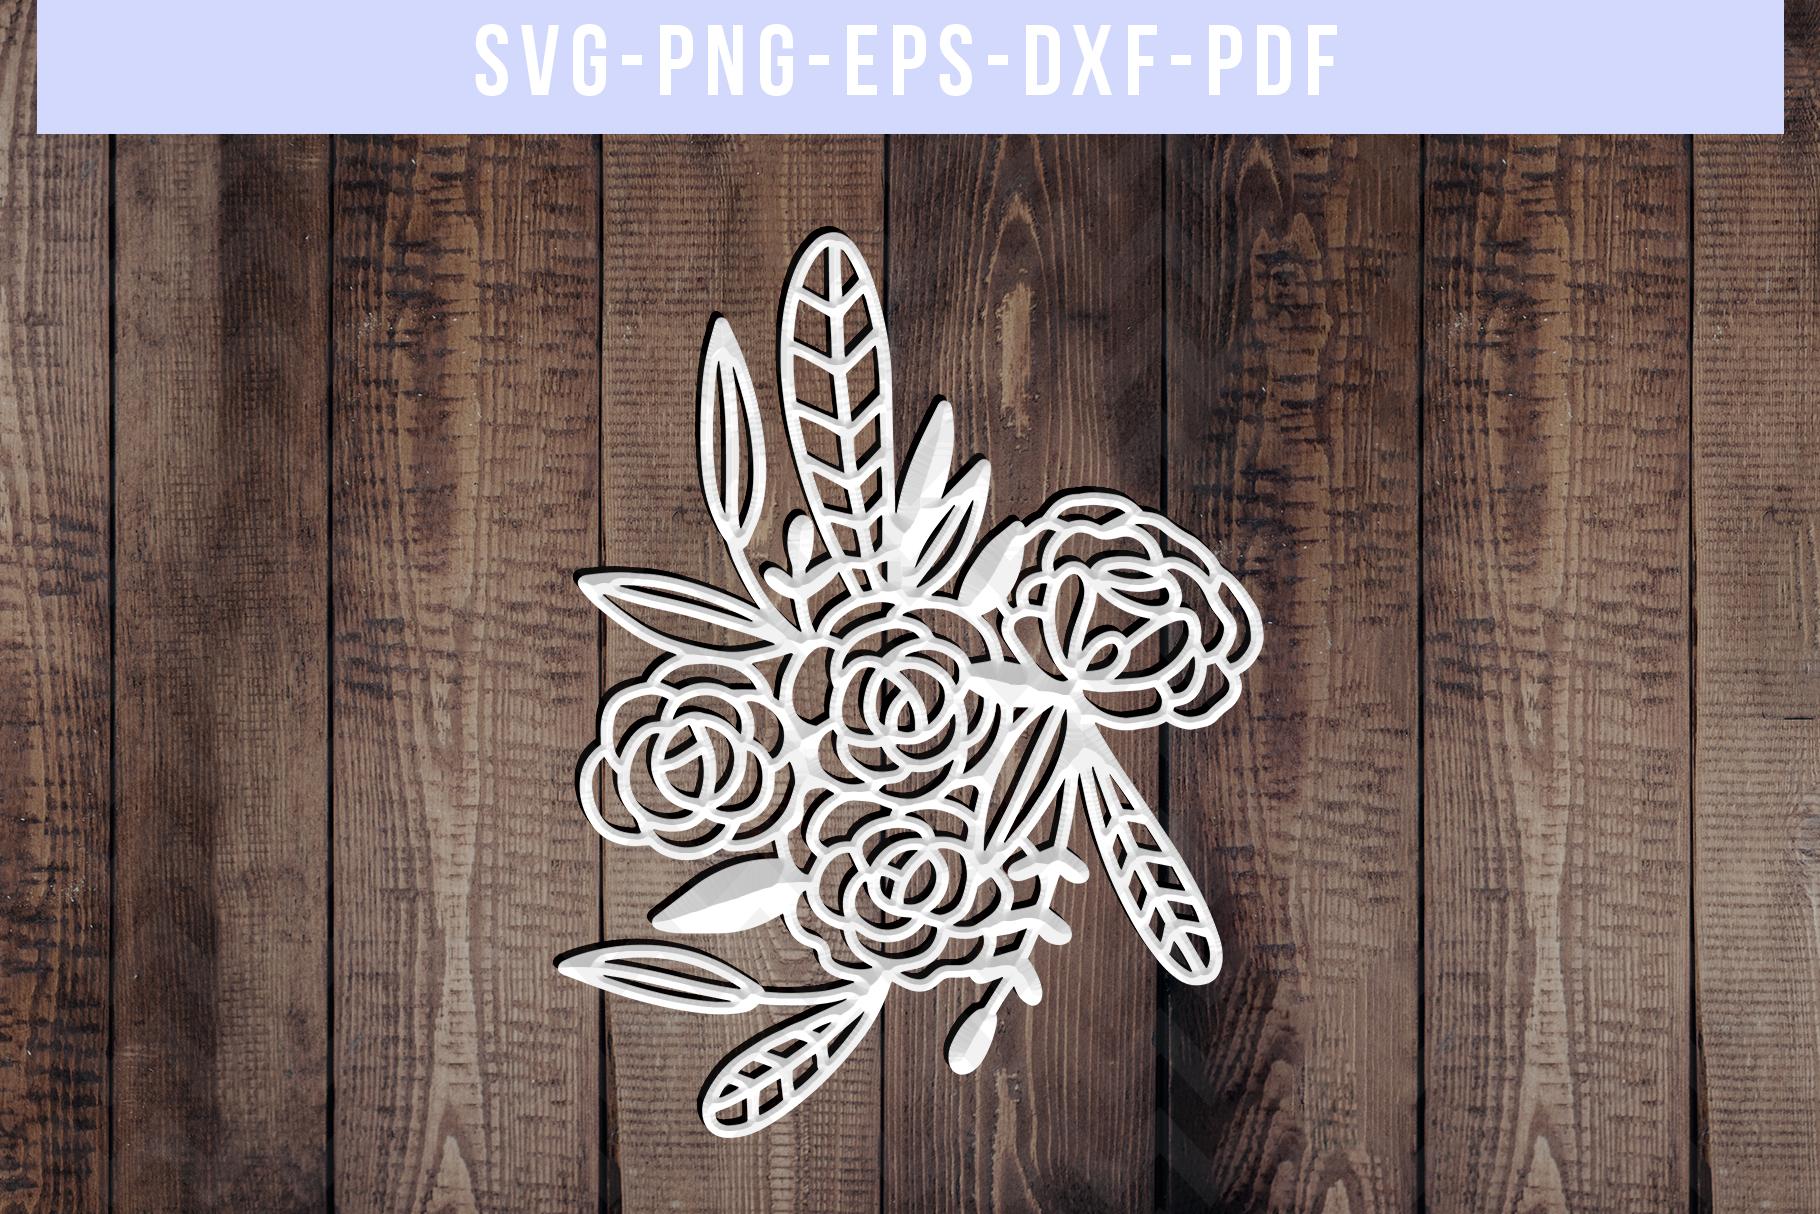 Floral Rose Papercut Template, Flower Arrangement SVG, PDF example image 3